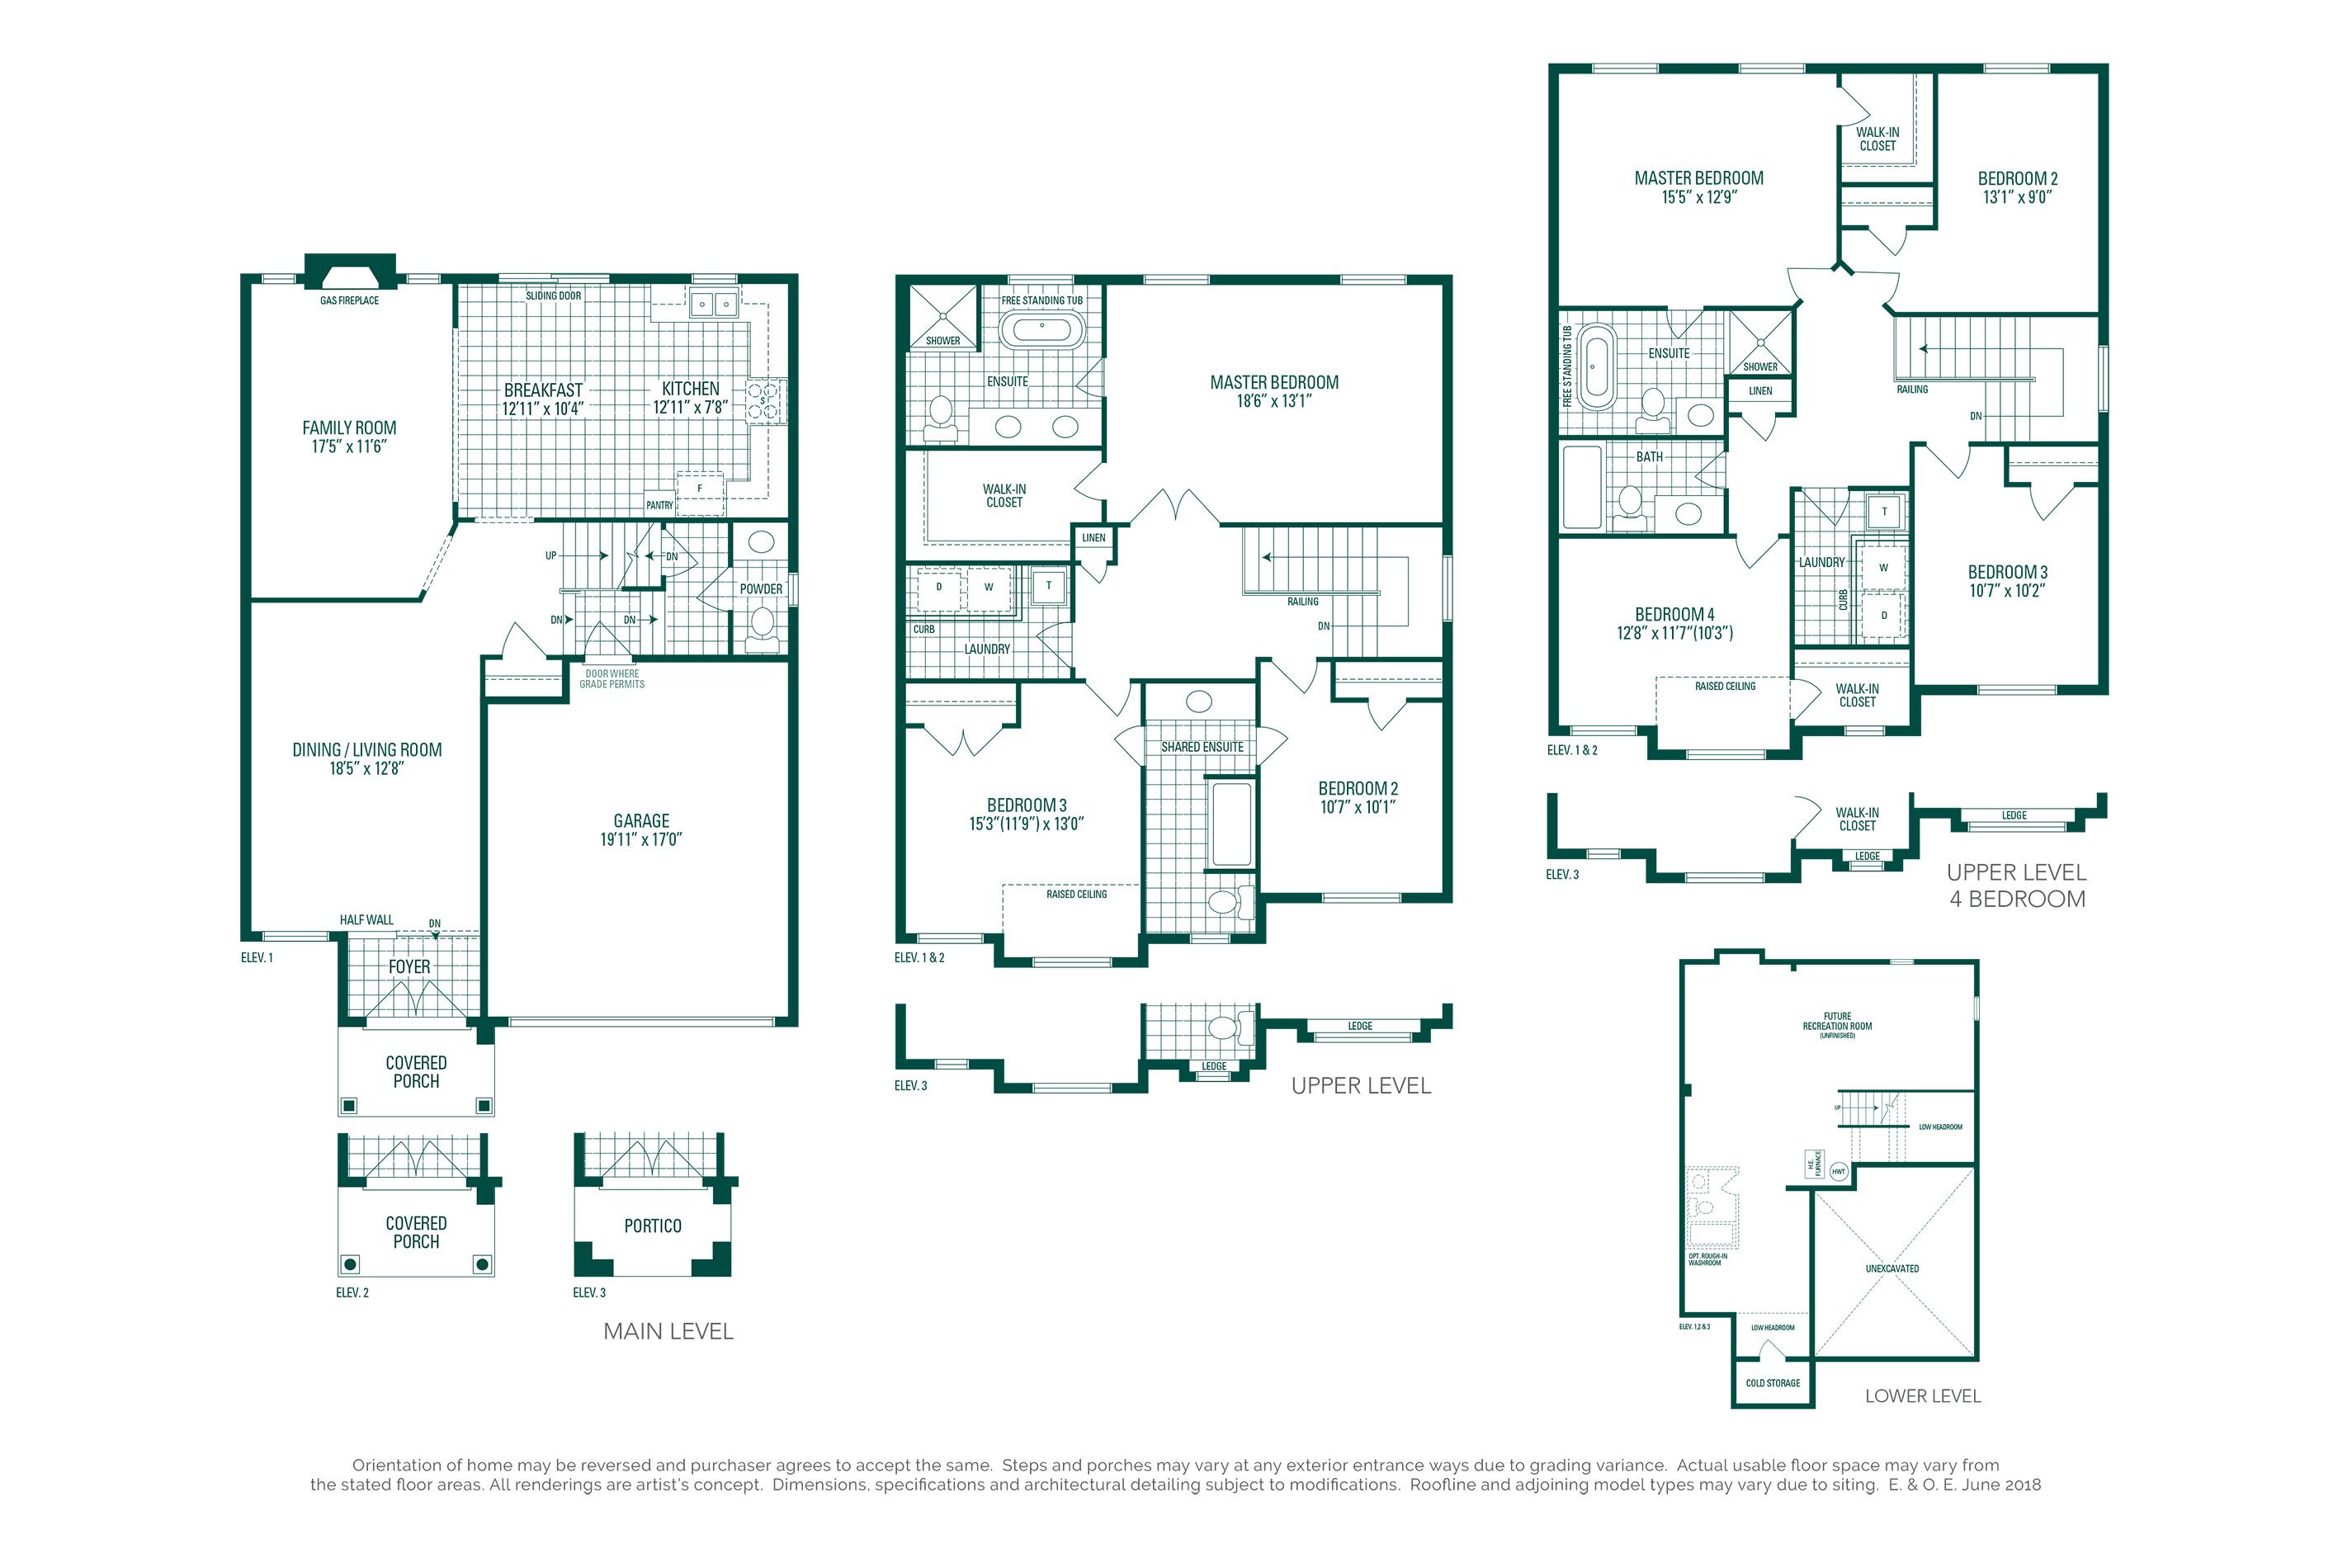 Millwood 1 Floorplan